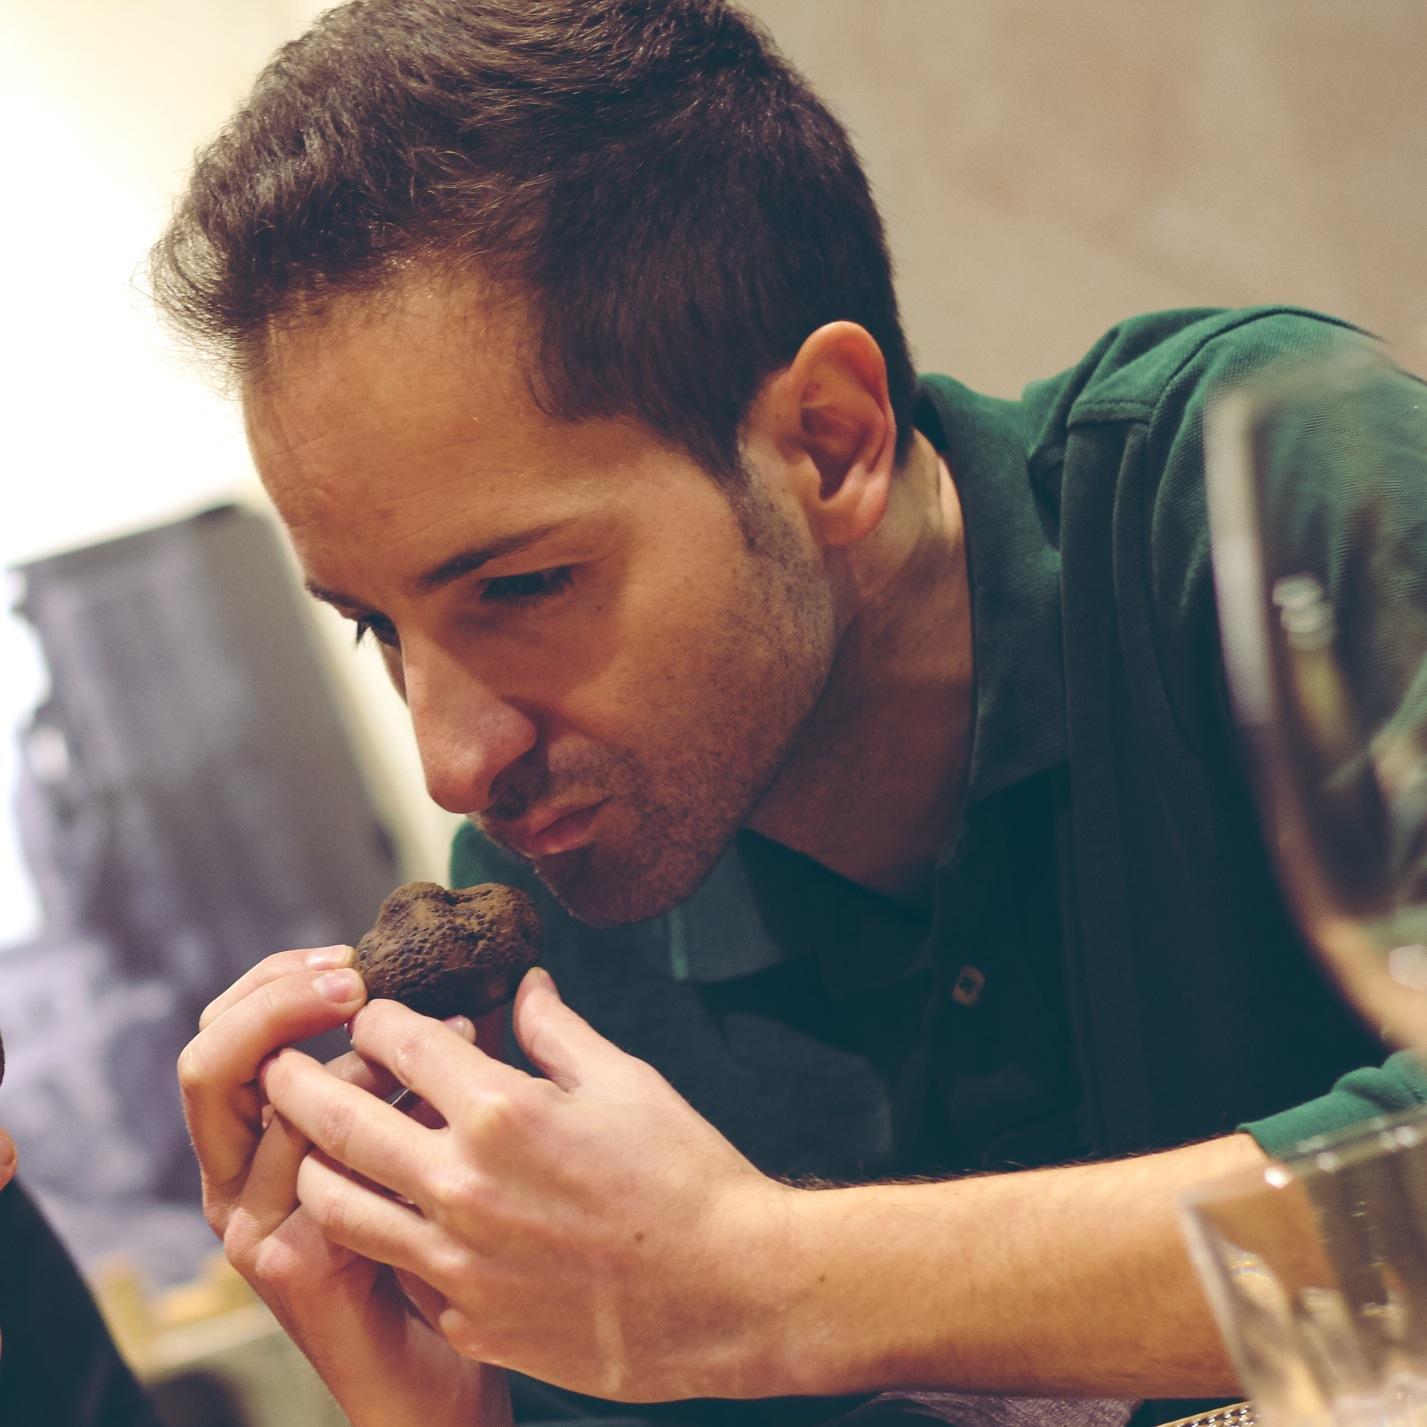 David Monaguillo